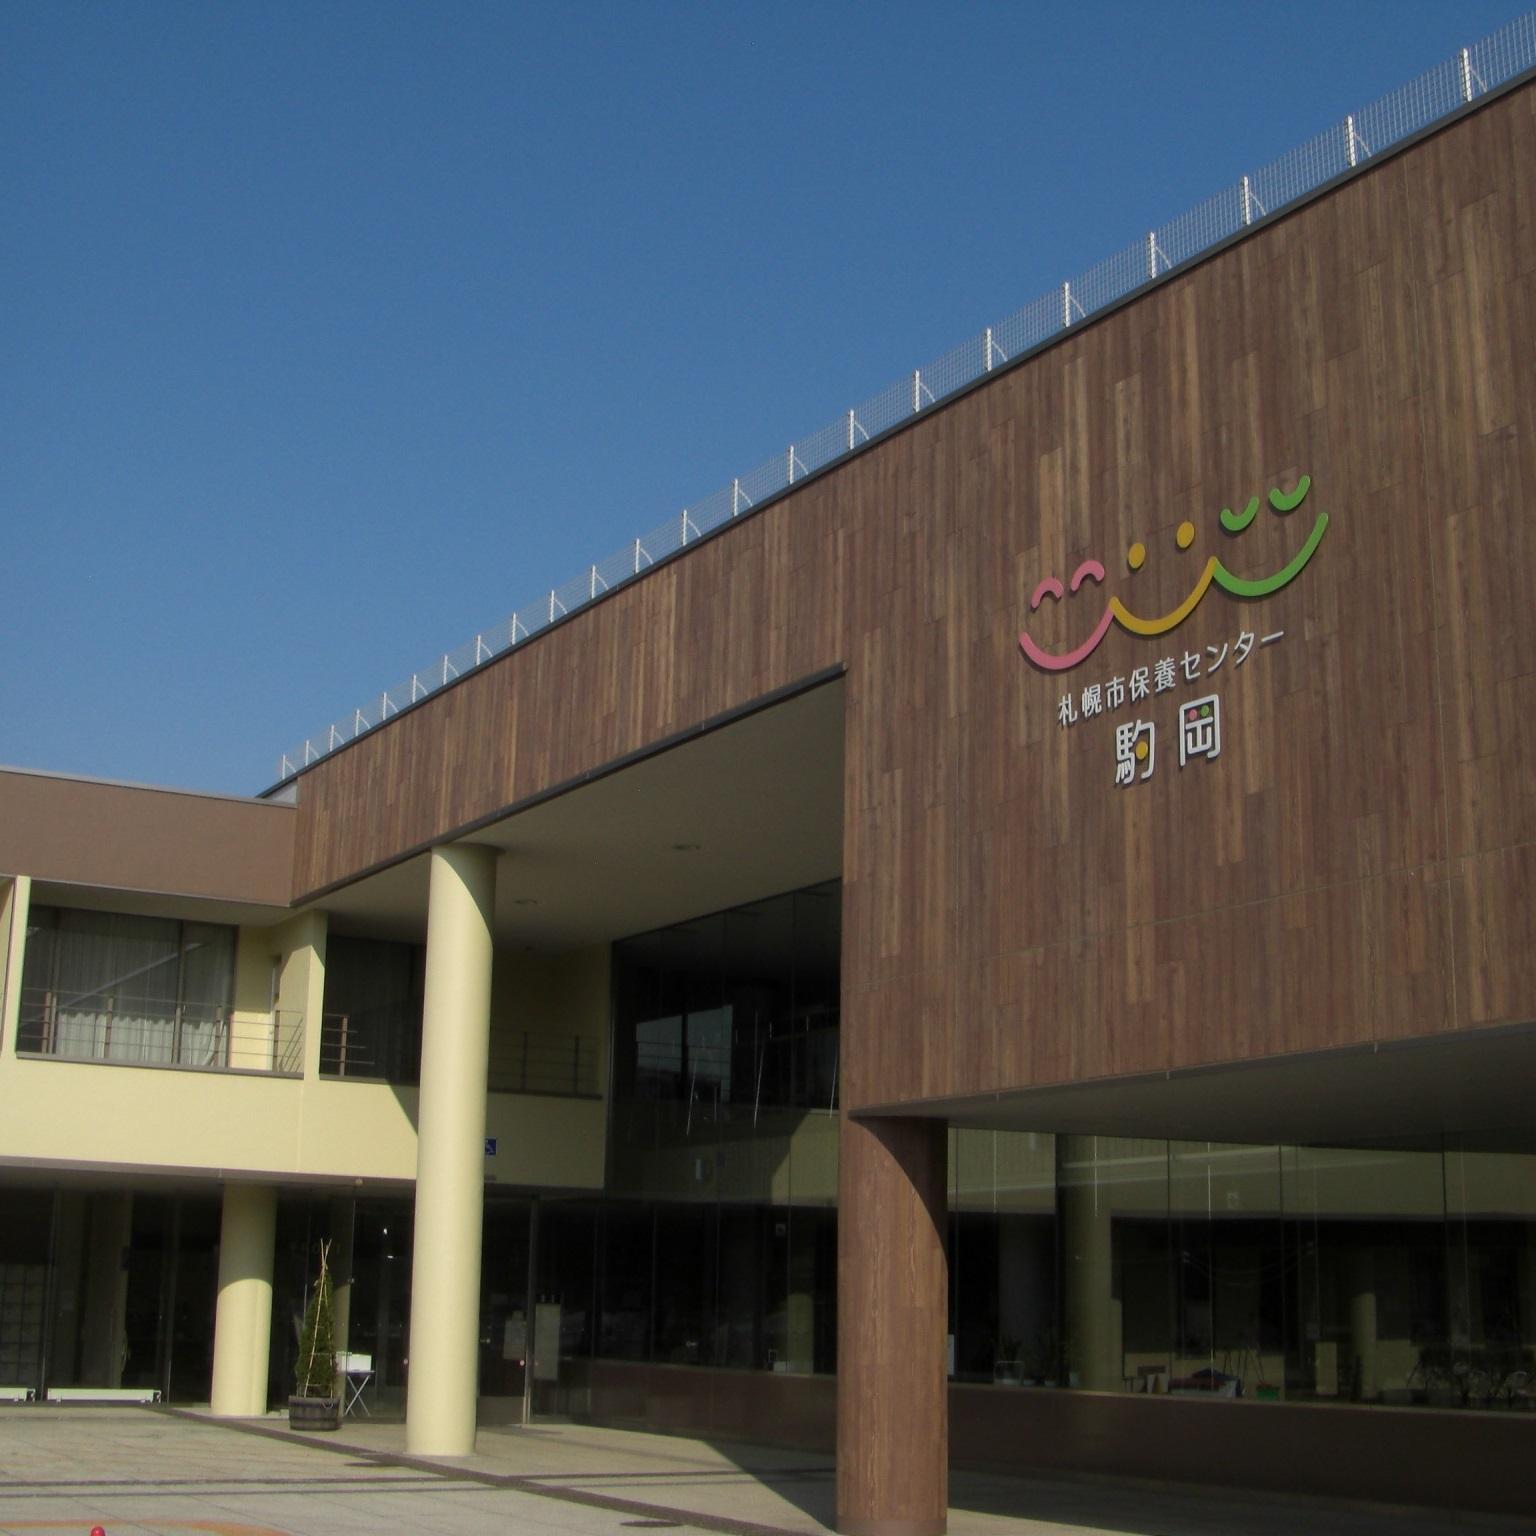 札幌市保養センター 駒岡◆楽天トラベル